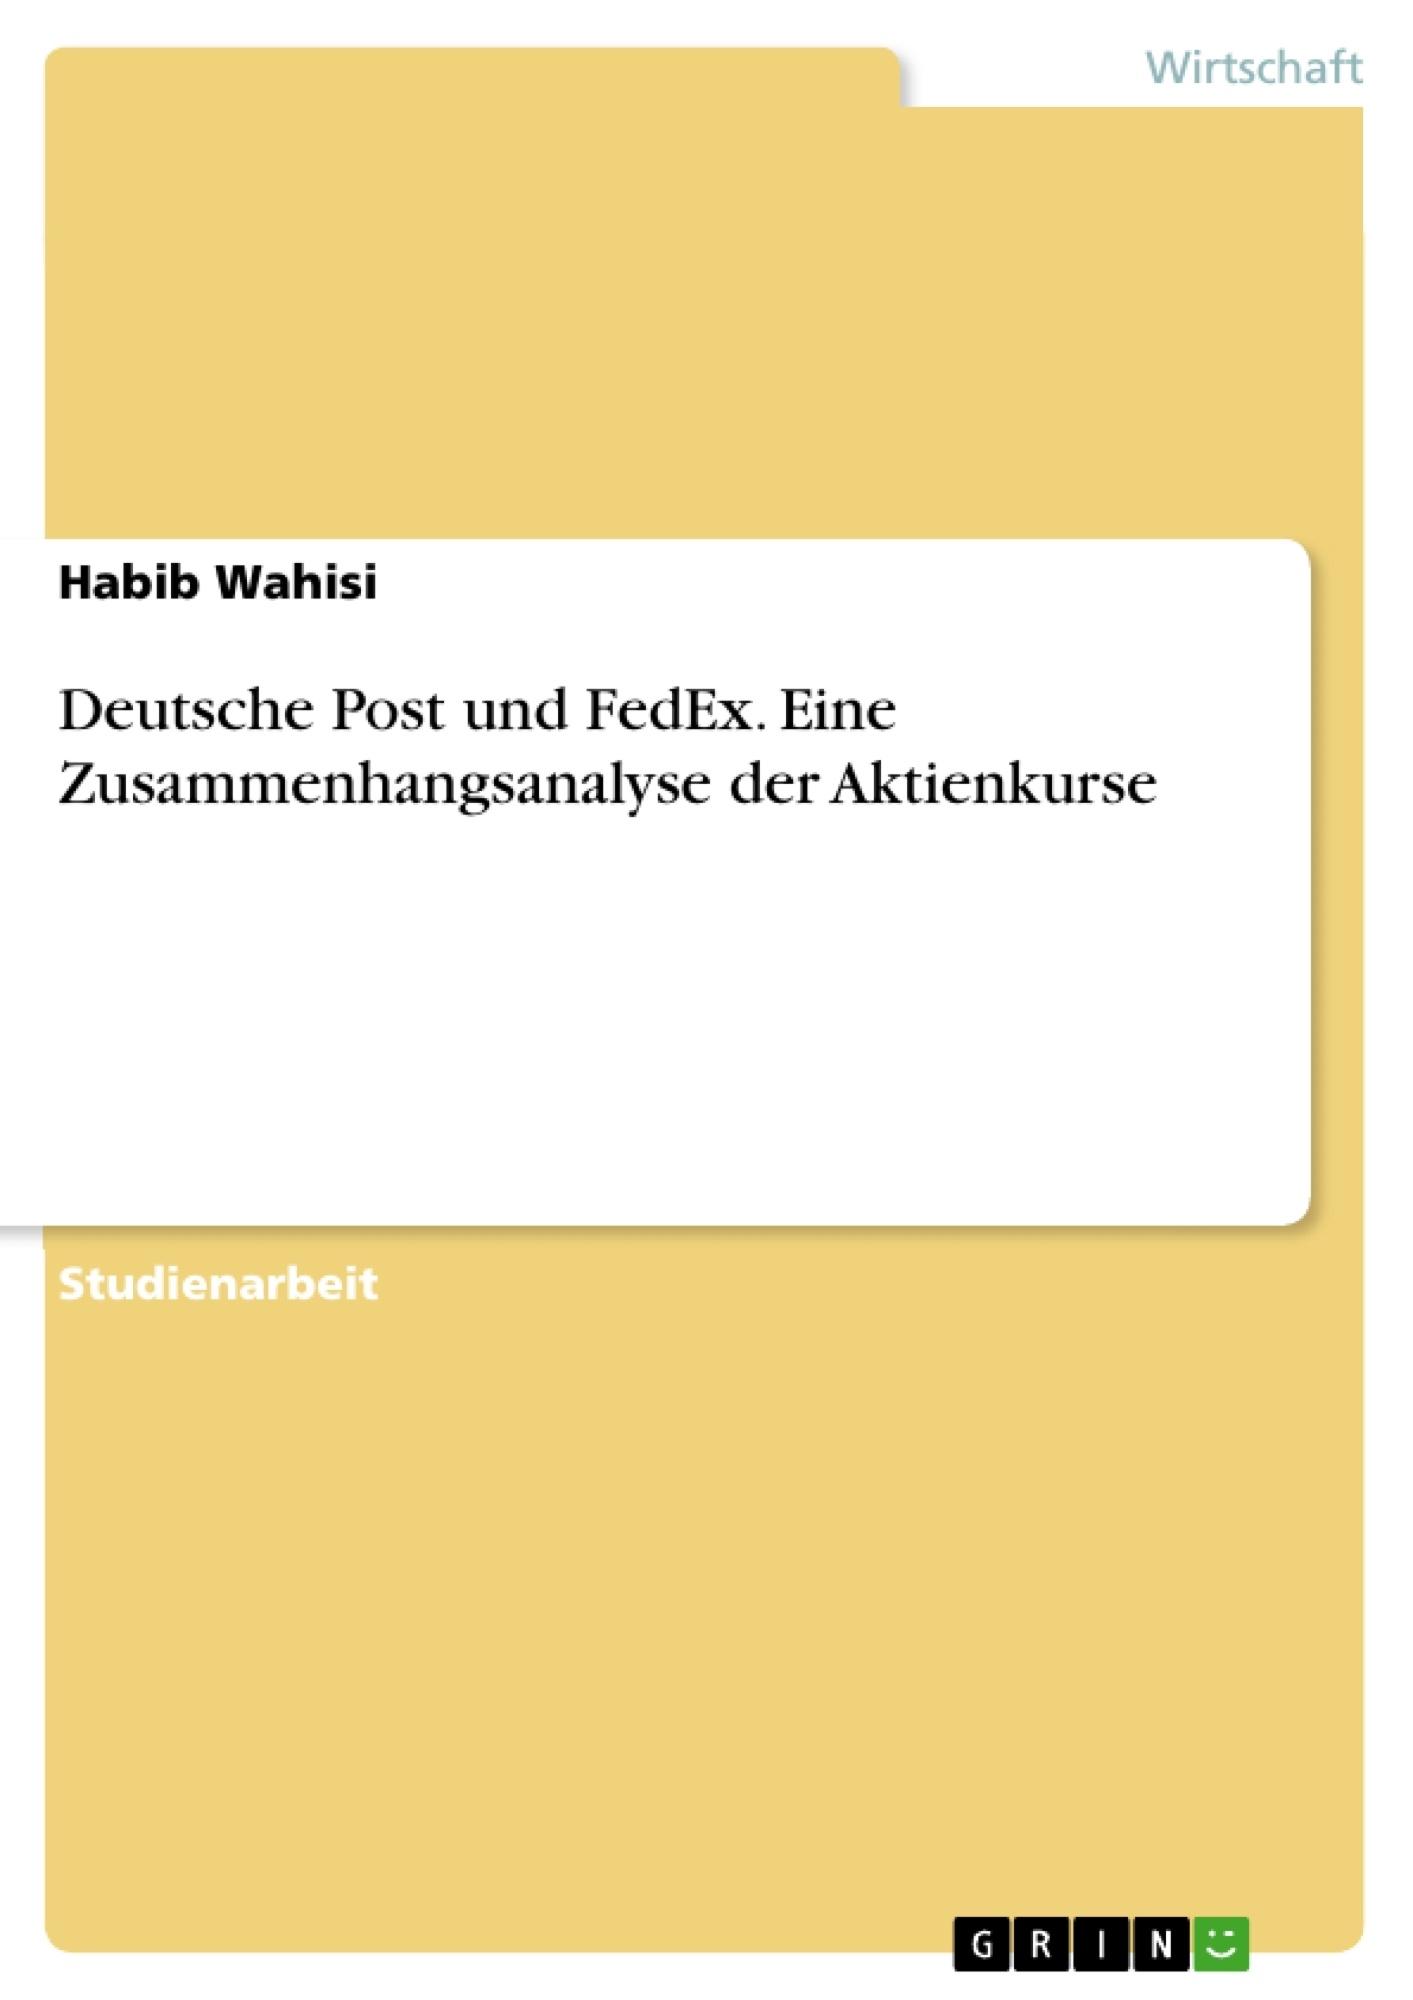 Titel: Deutsche Post und FedEx. Eine Zusammenhangsanalyse der Aktienkurse